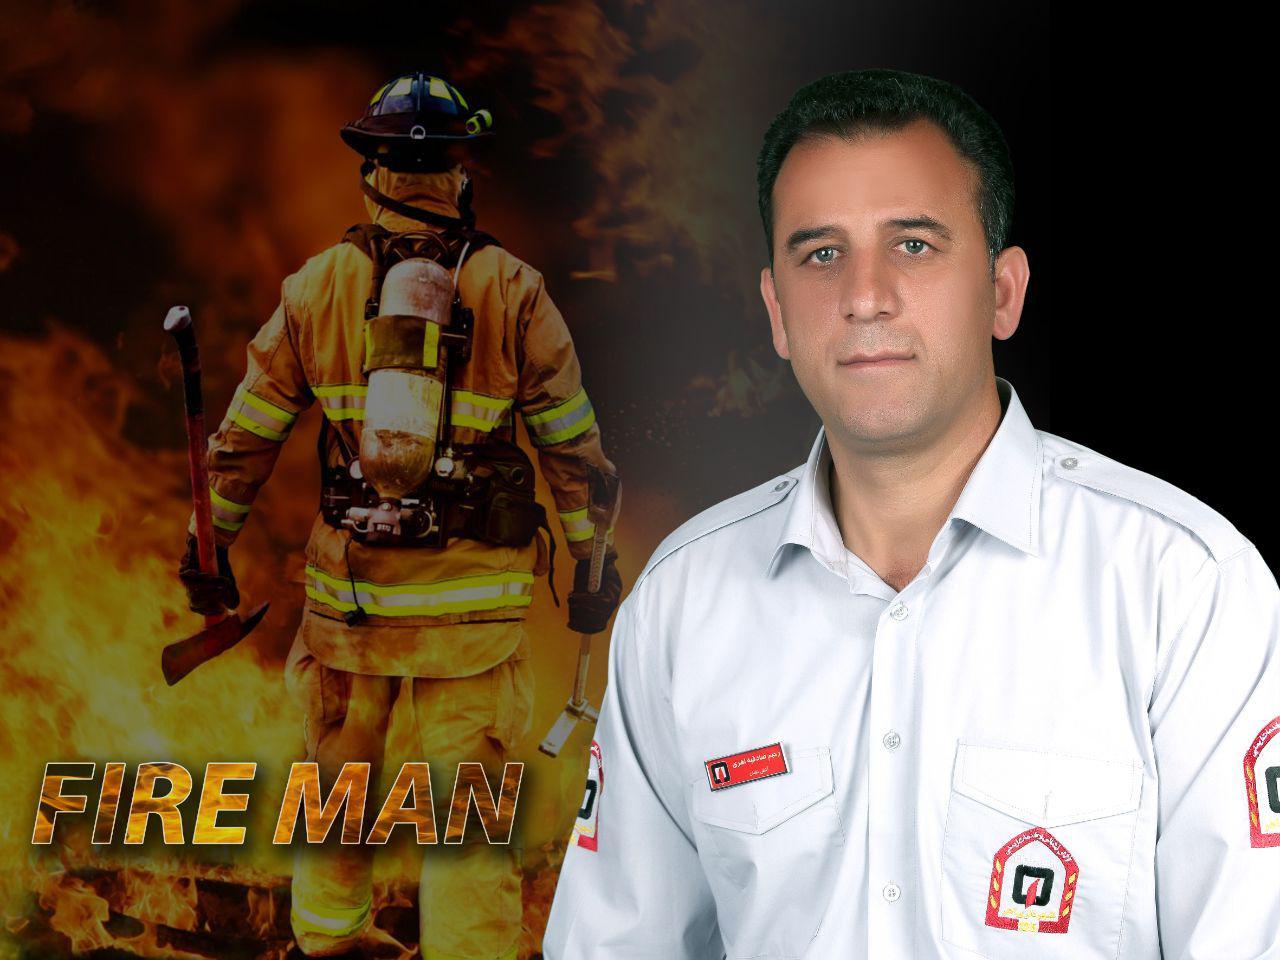 علت وقوع آتشسوزی در واحد تولیدی مواد شوینده پس از بررسیها مشخص میشود